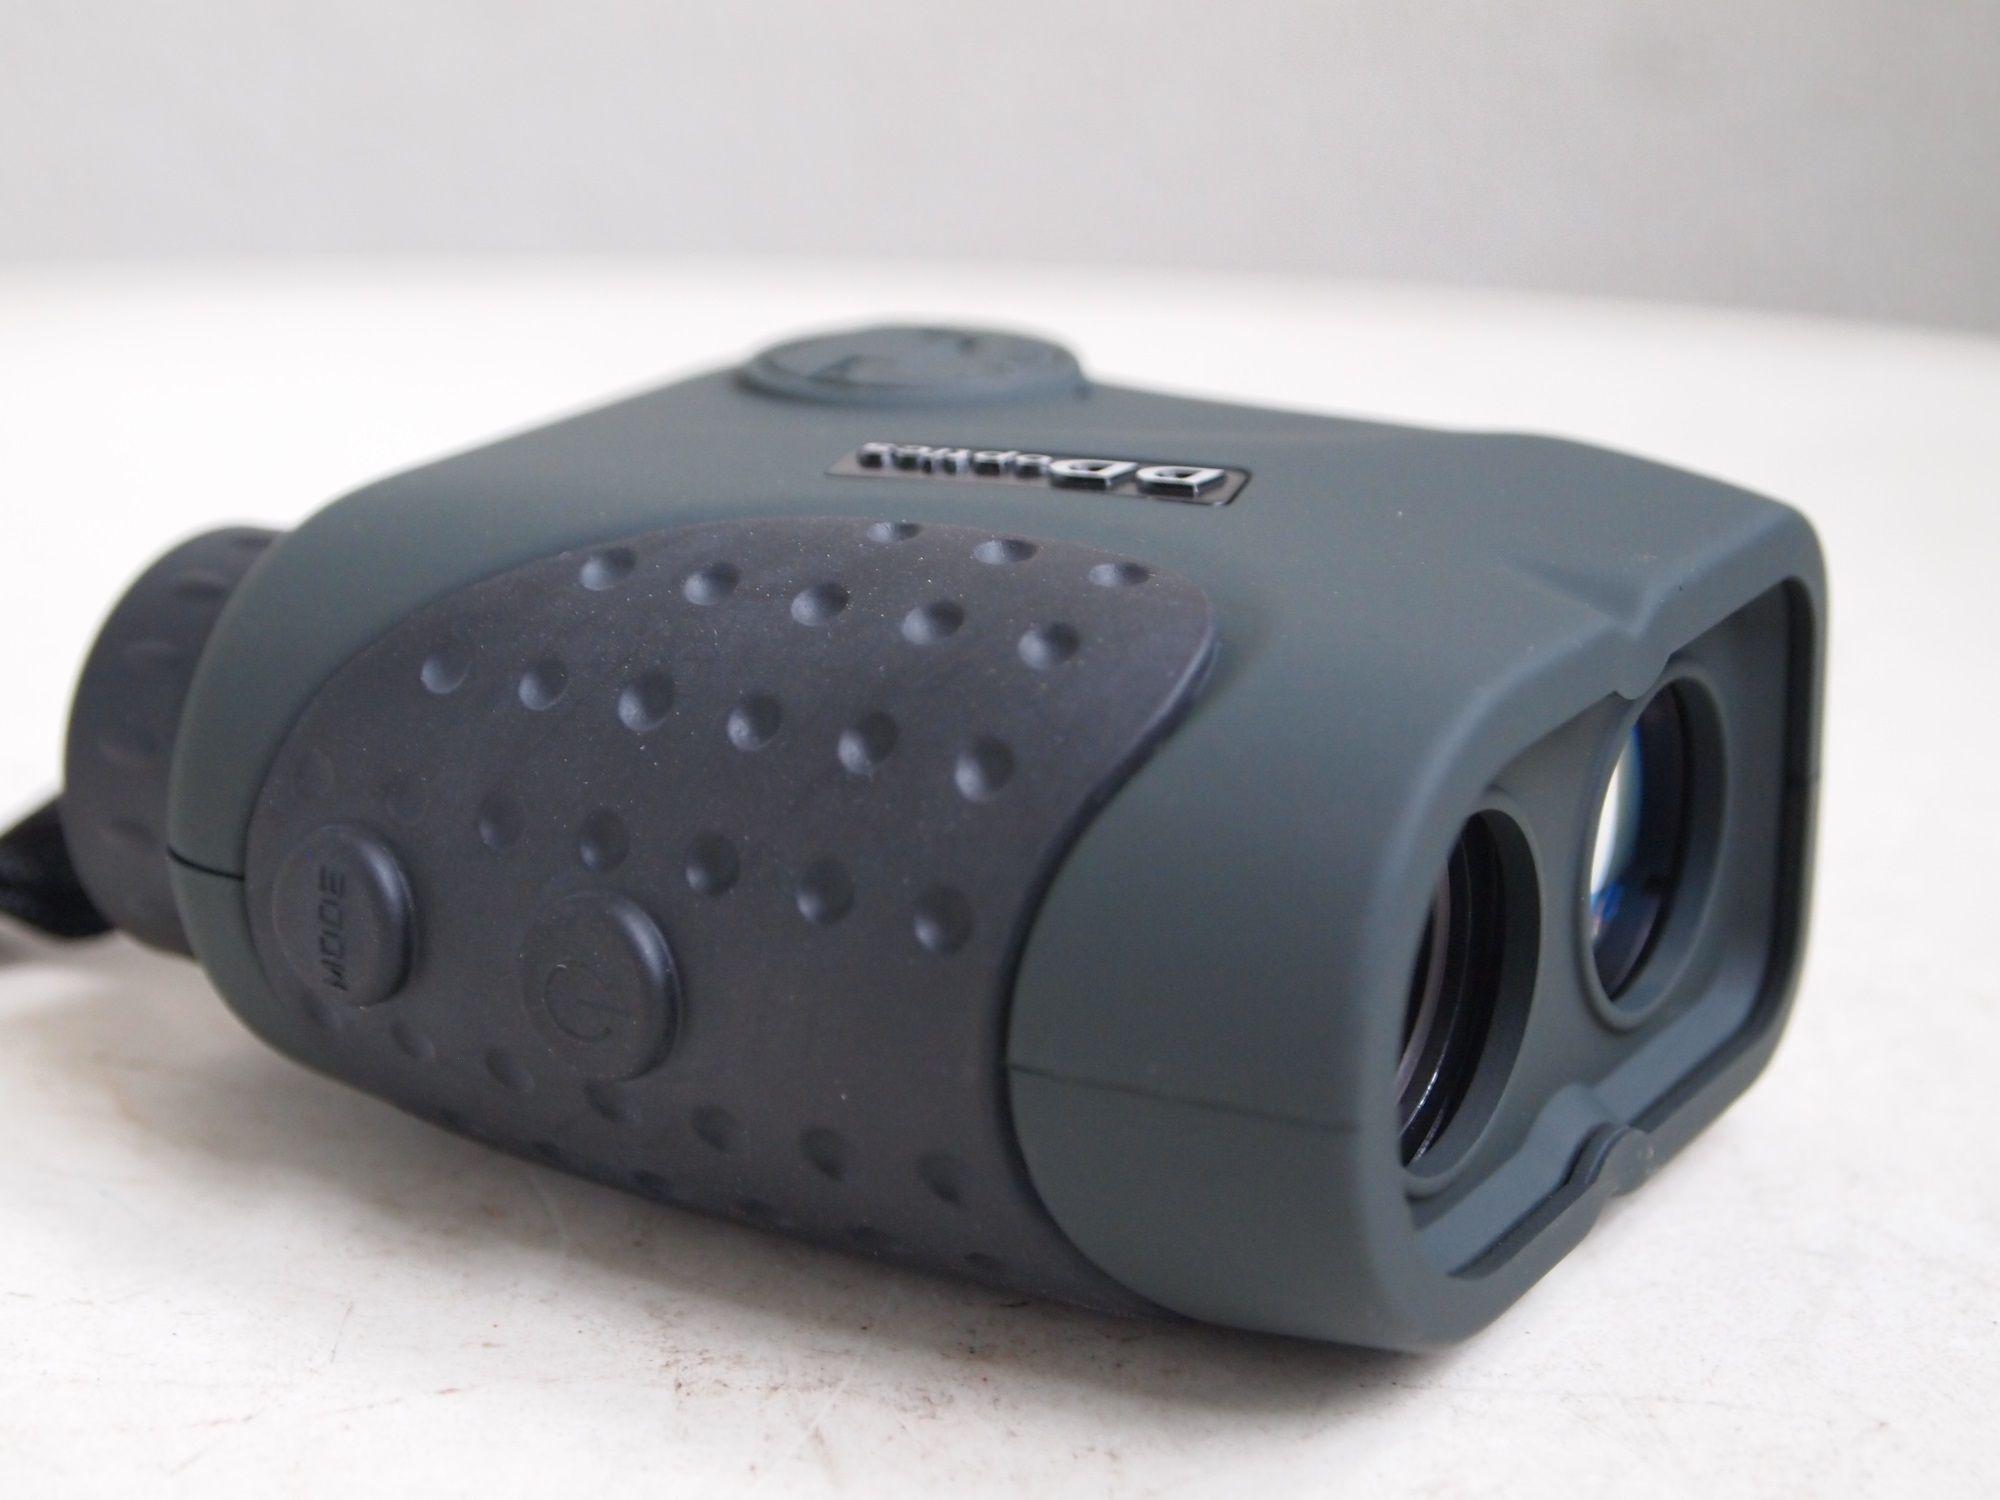 Entfernungsmesser Gebraucht : Bosch dle laser entfernungsmesser in berlin köpenick